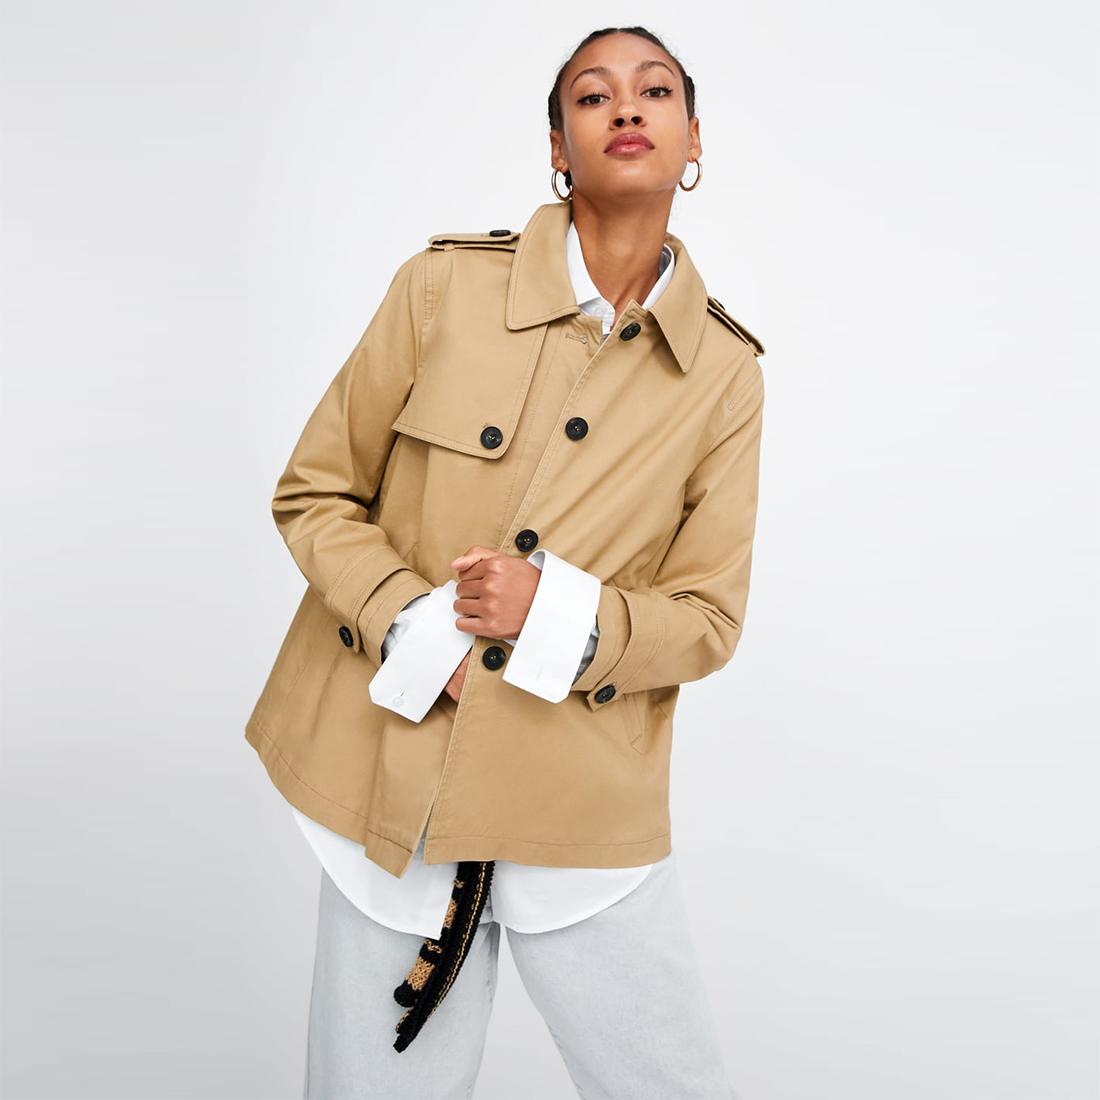 Zara, £49.99